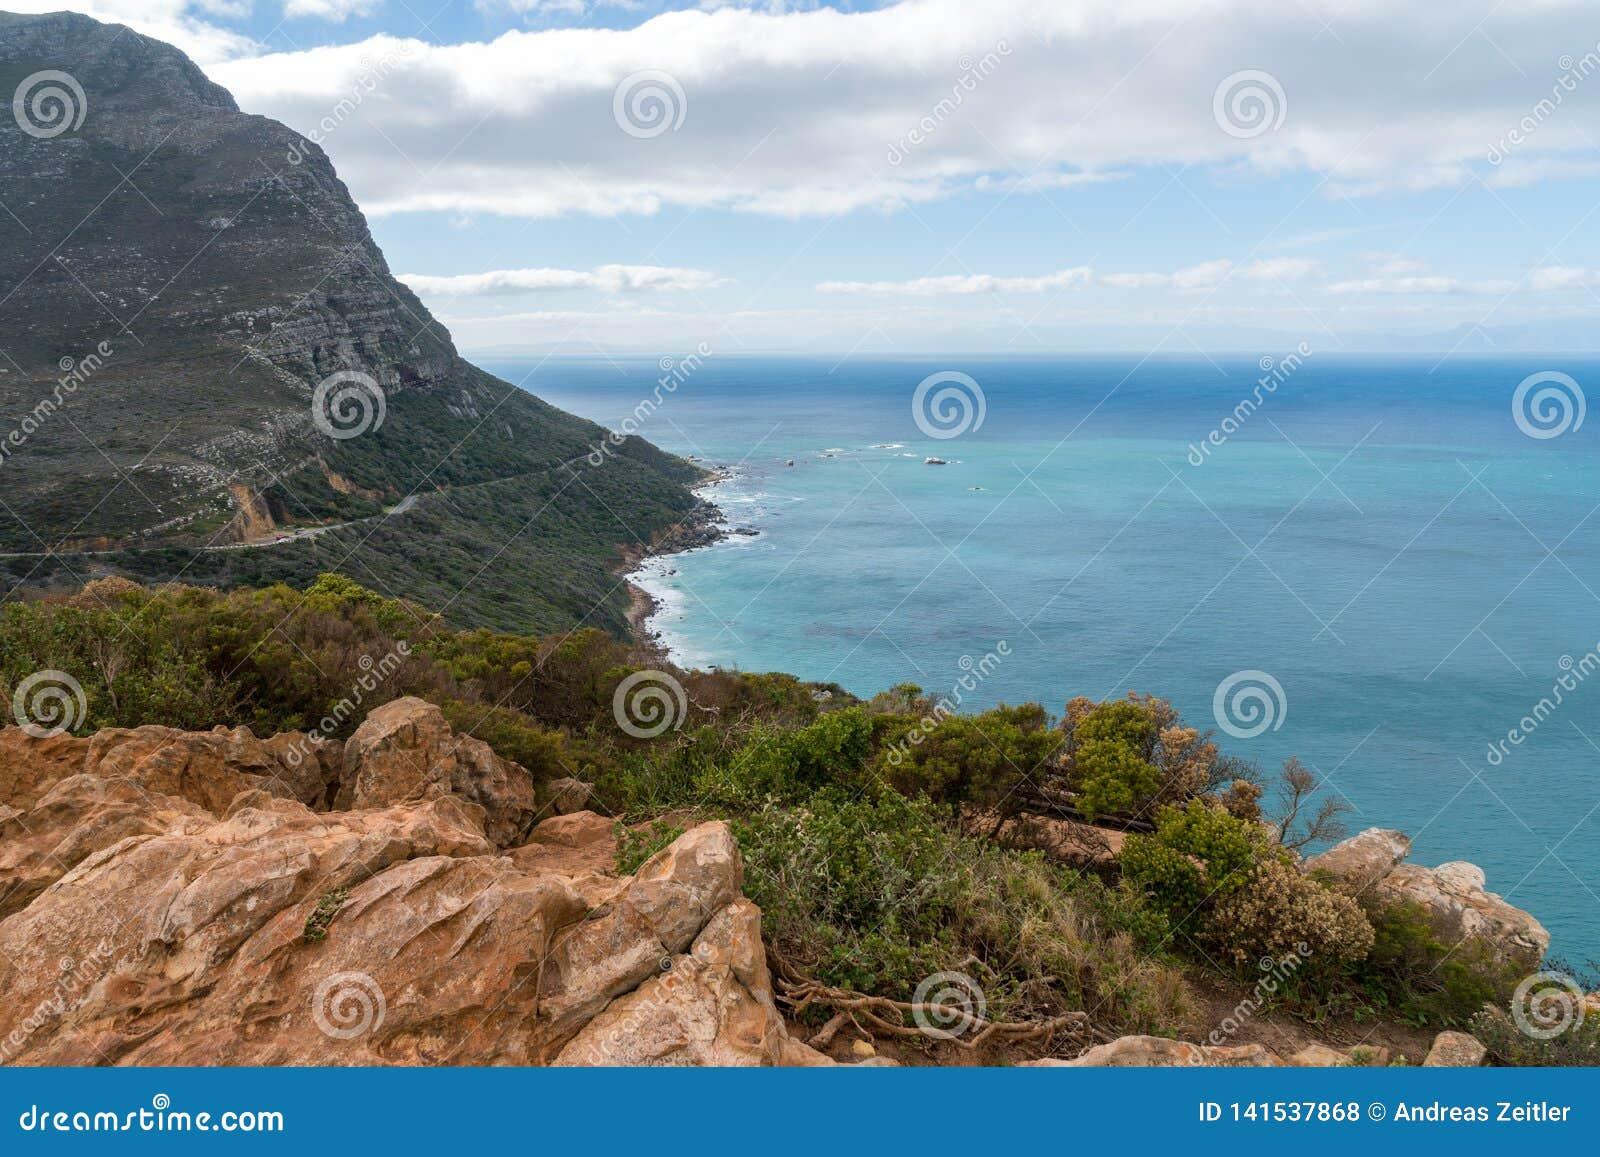 Playa de la bahía de Kogel, situada a lo largo de la ruta 44 en la zona oriental de la bahía falsa cerca de Cape Town, Suráfrica